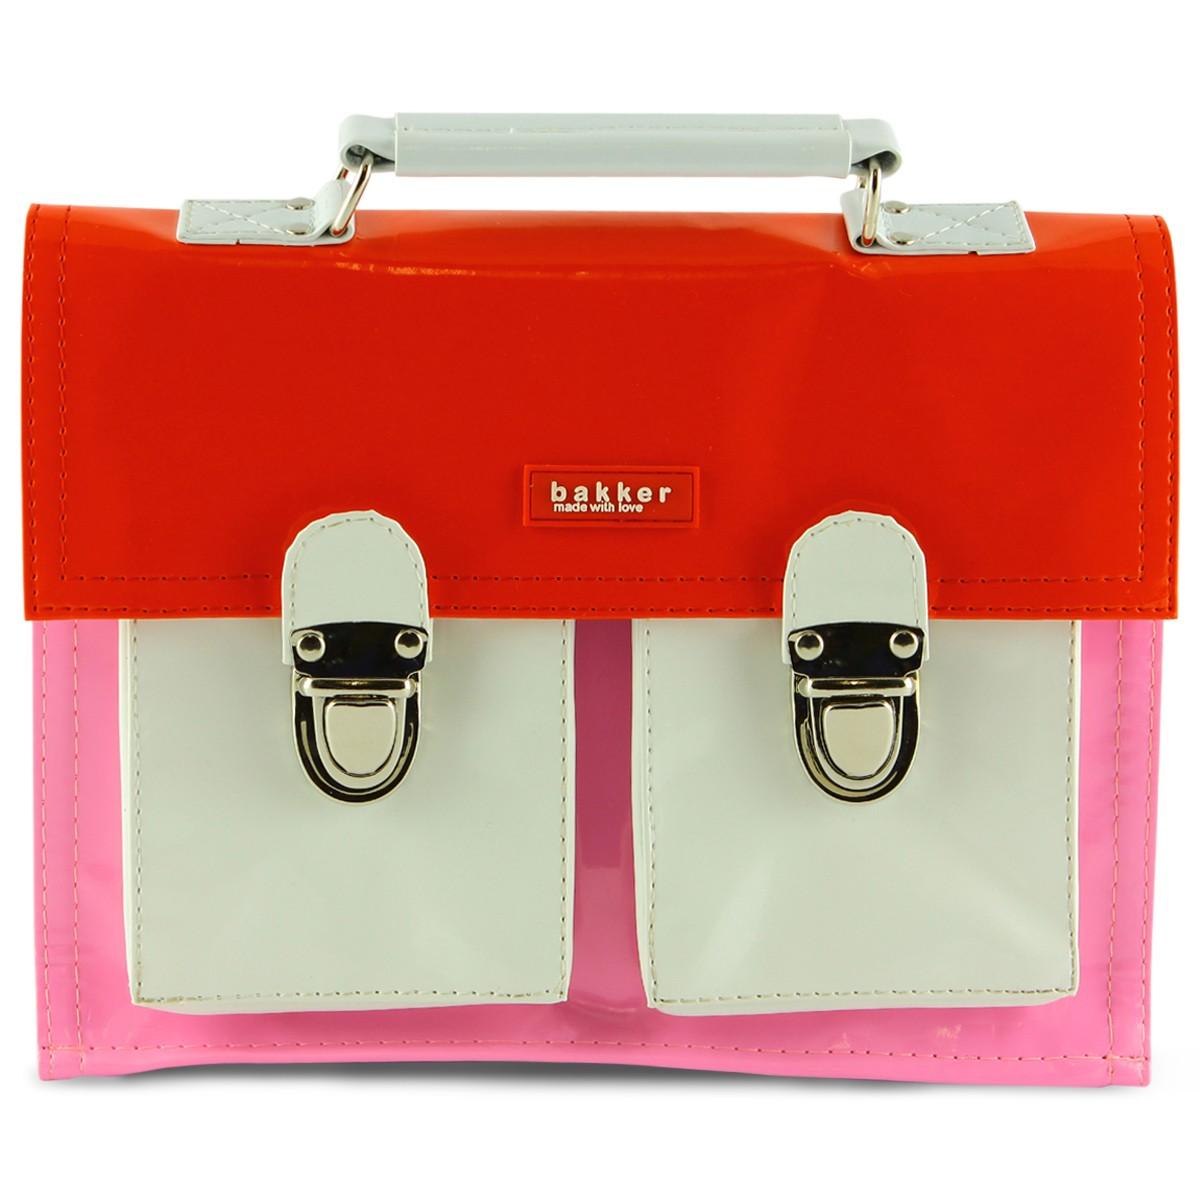 bakker-schoolcase-bakker-made-with-love-roze1